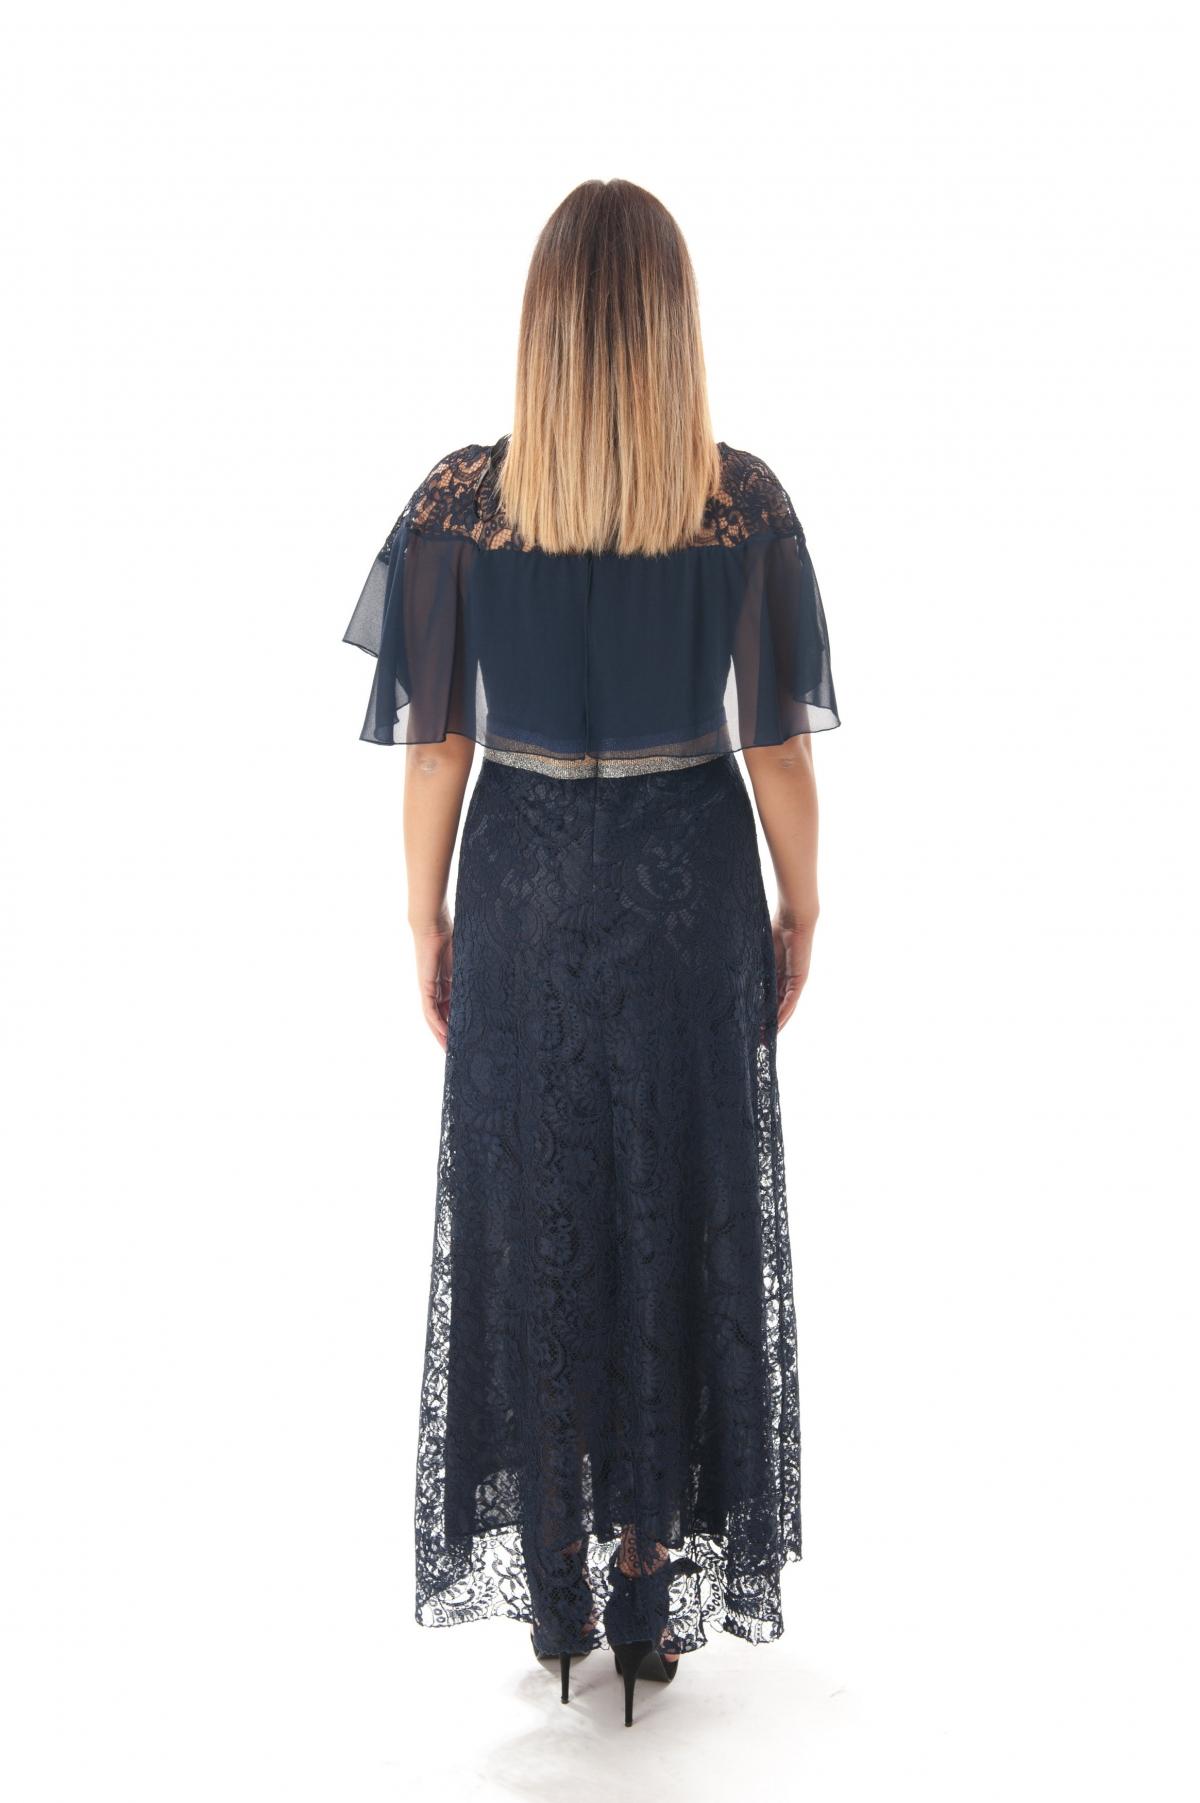 ΦΟΡΕΜΑ ΜΑΧΙ ΔΑΝΤΕΛΑ - Real Lady - Shop Online 240c3f2f690